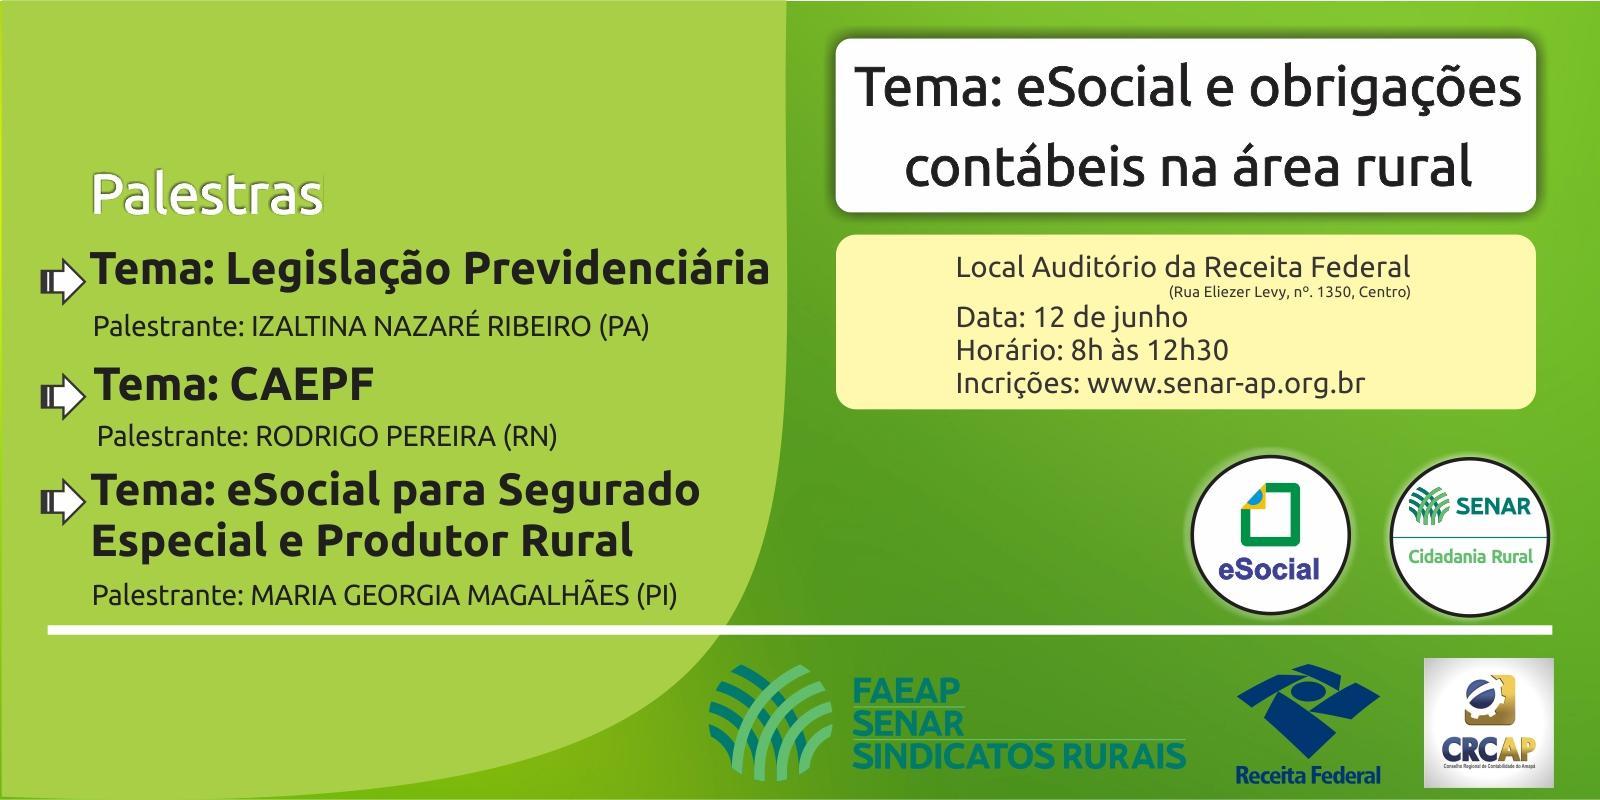 Evento debaterá a utilização do eSocial no meio rural com contadores e produtores rurais do estado